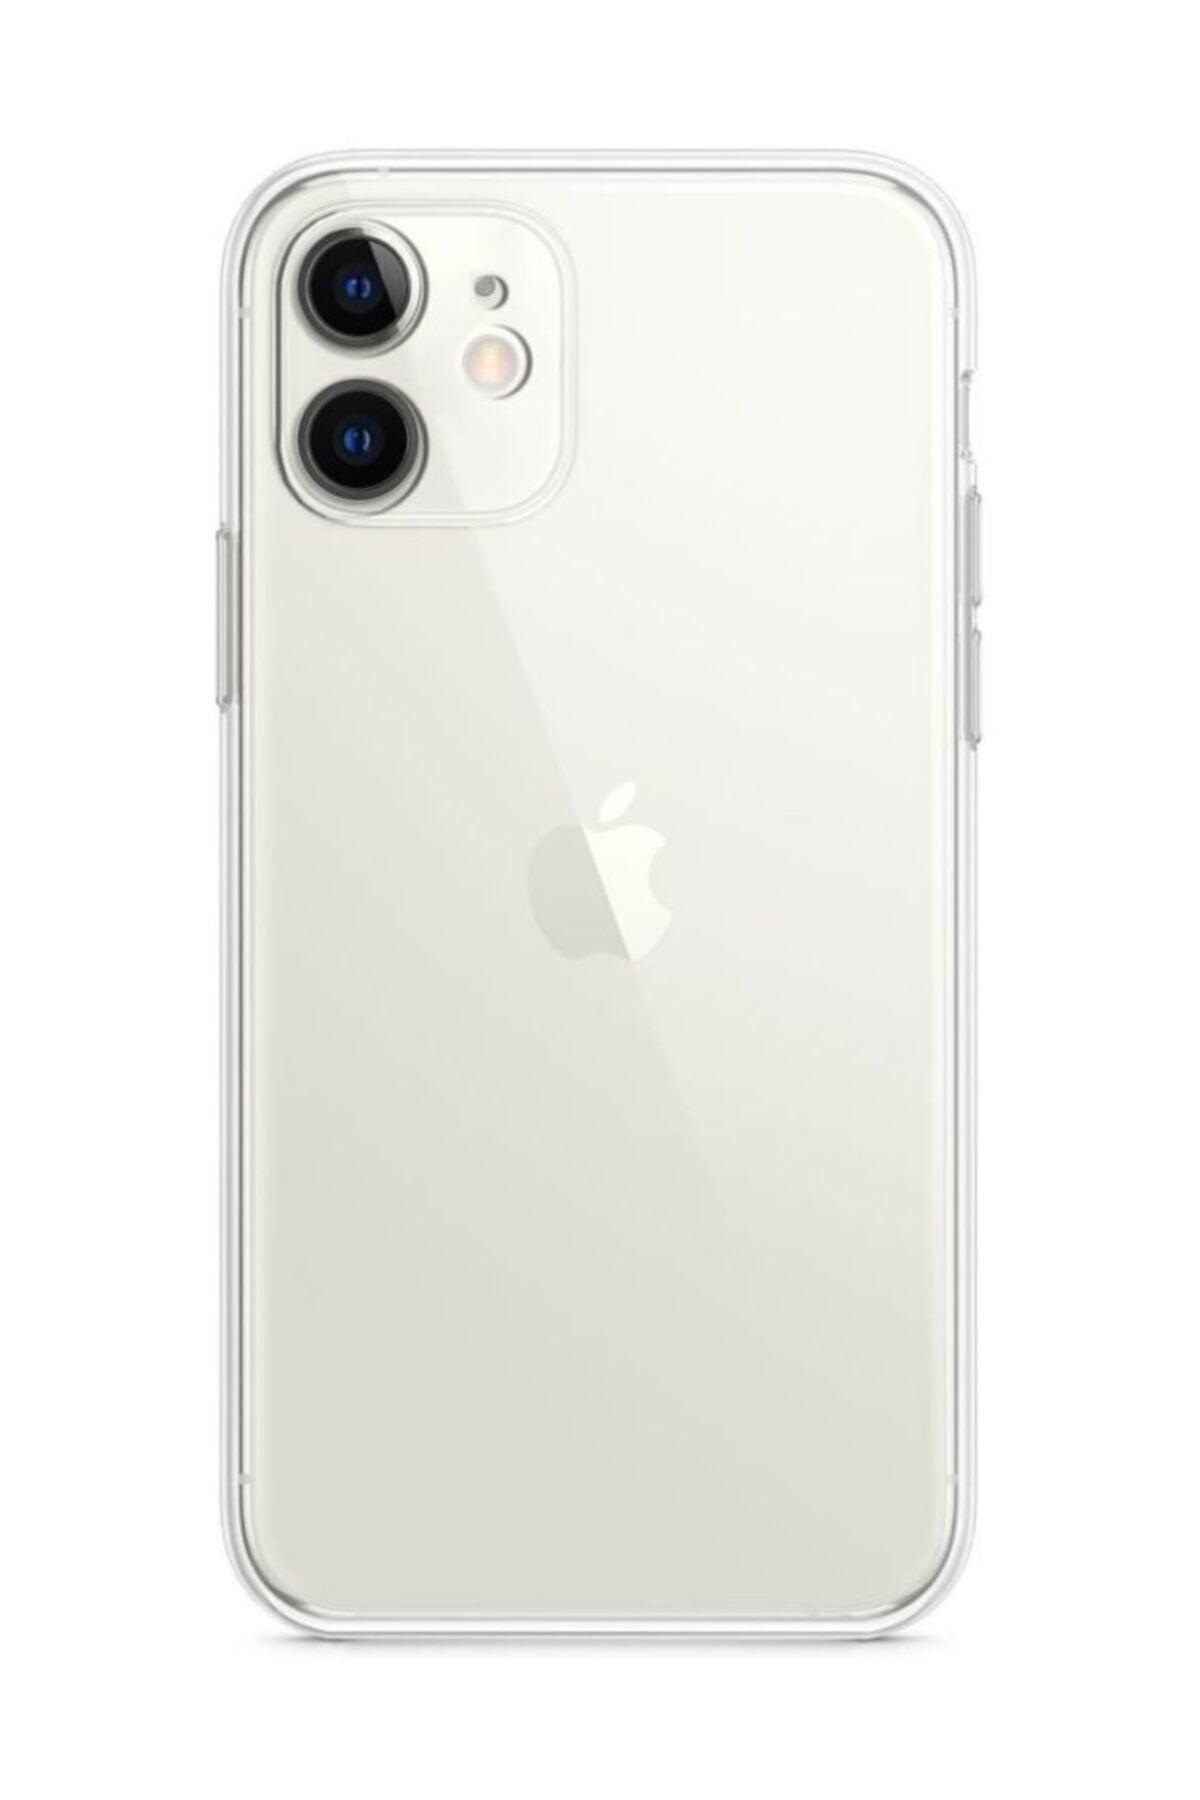 Iphone 11 - Tıpalı Kamera Korumalı Silikon Kapak Şeffaf